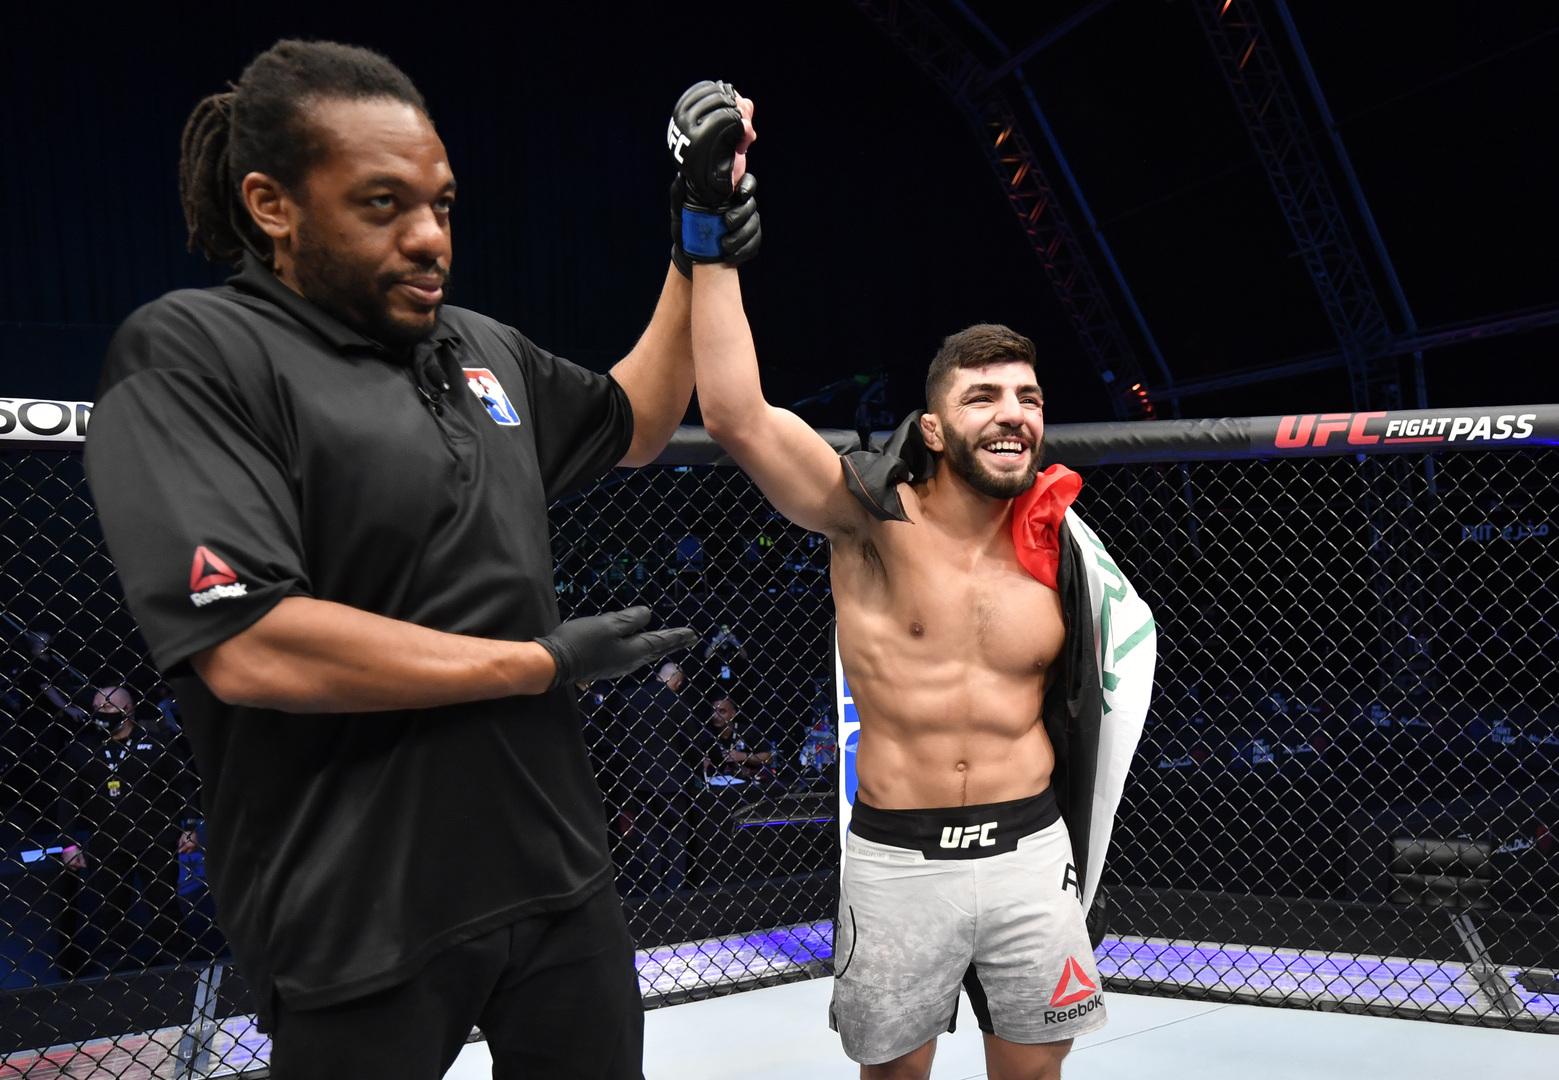 شاهد.. العراقي البازي يسجل دخوله التاريخي الأول في UFC